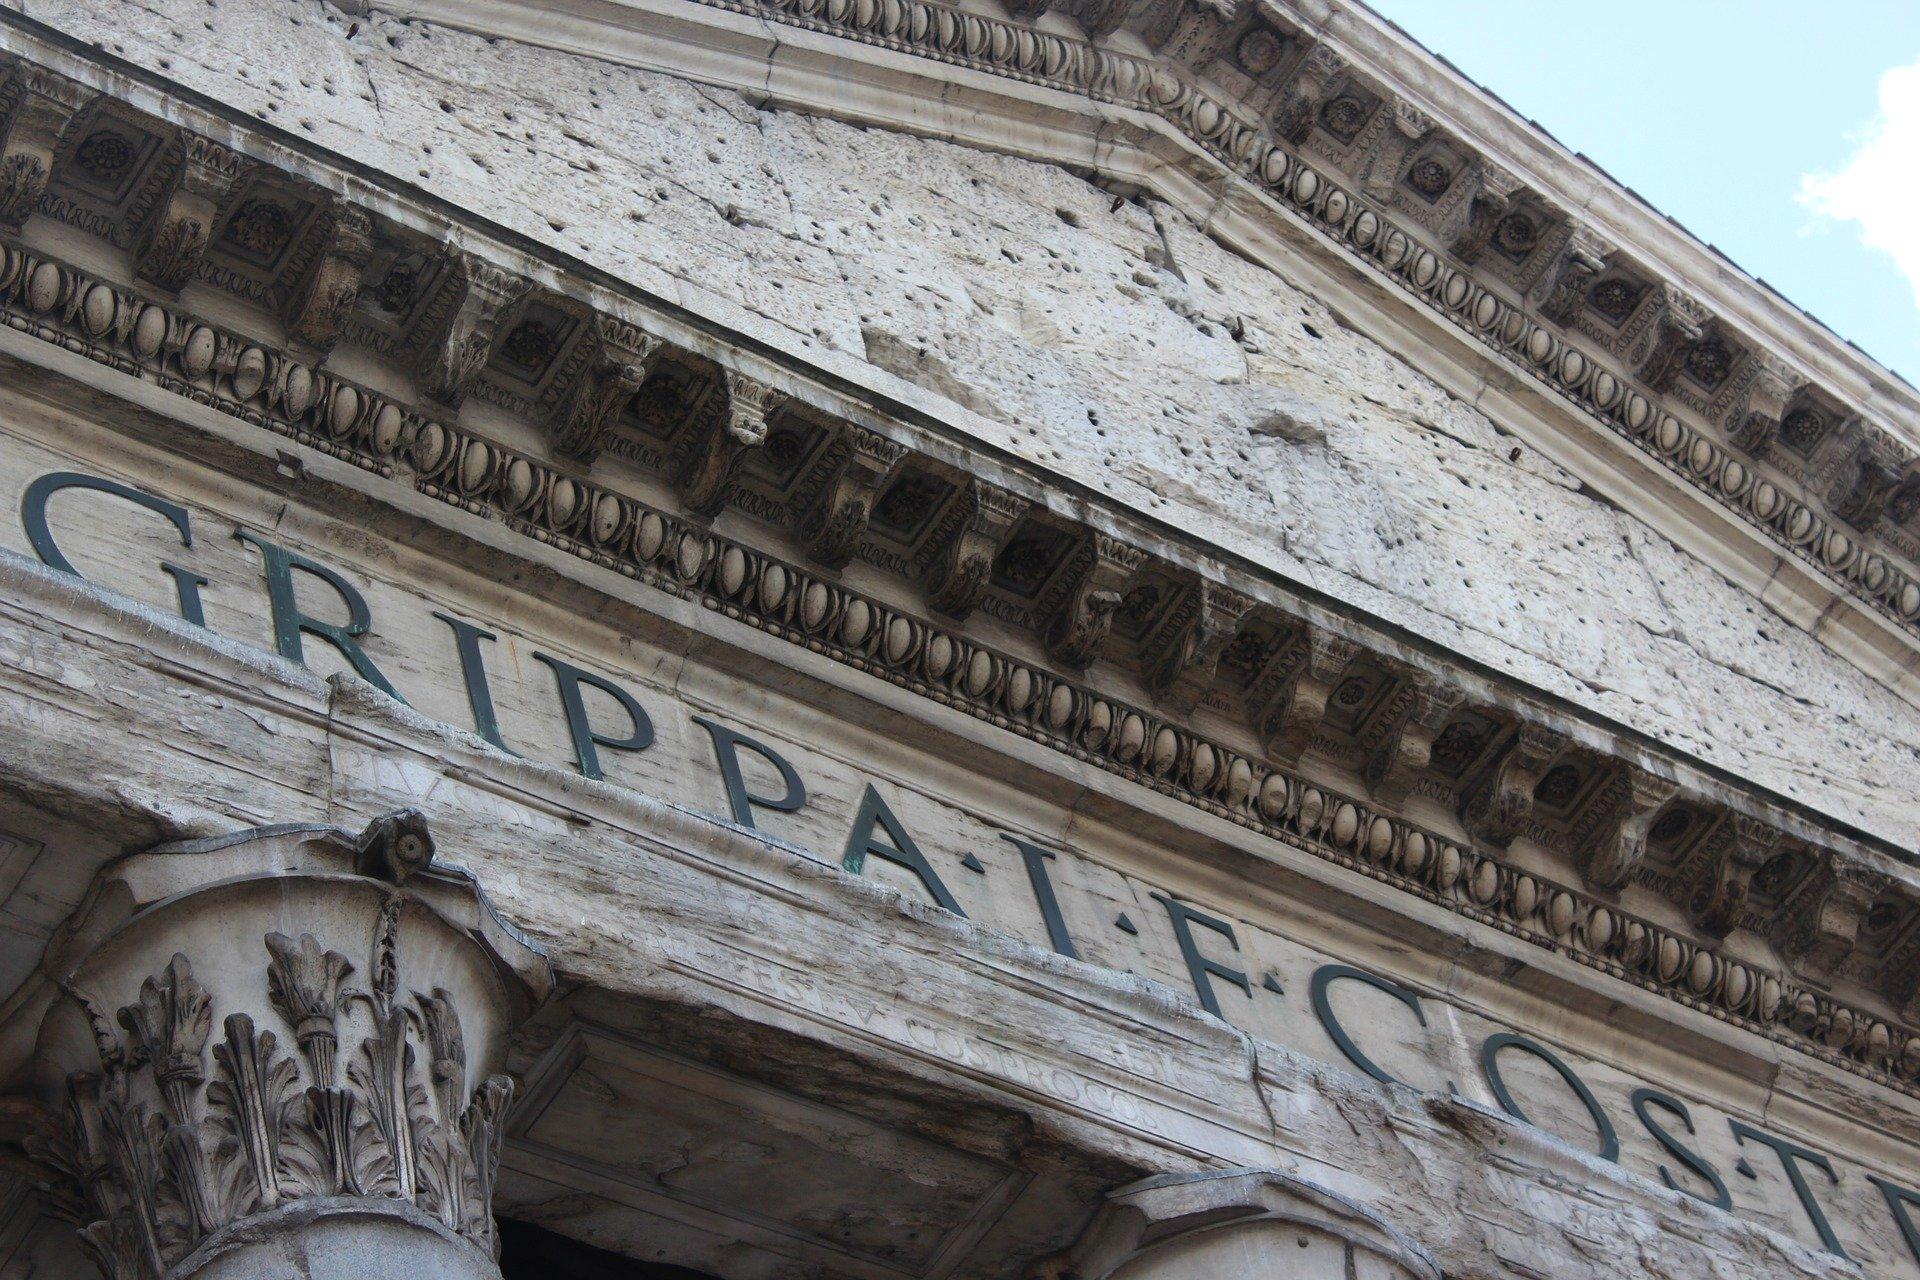 פנתאון - רומא בחינם